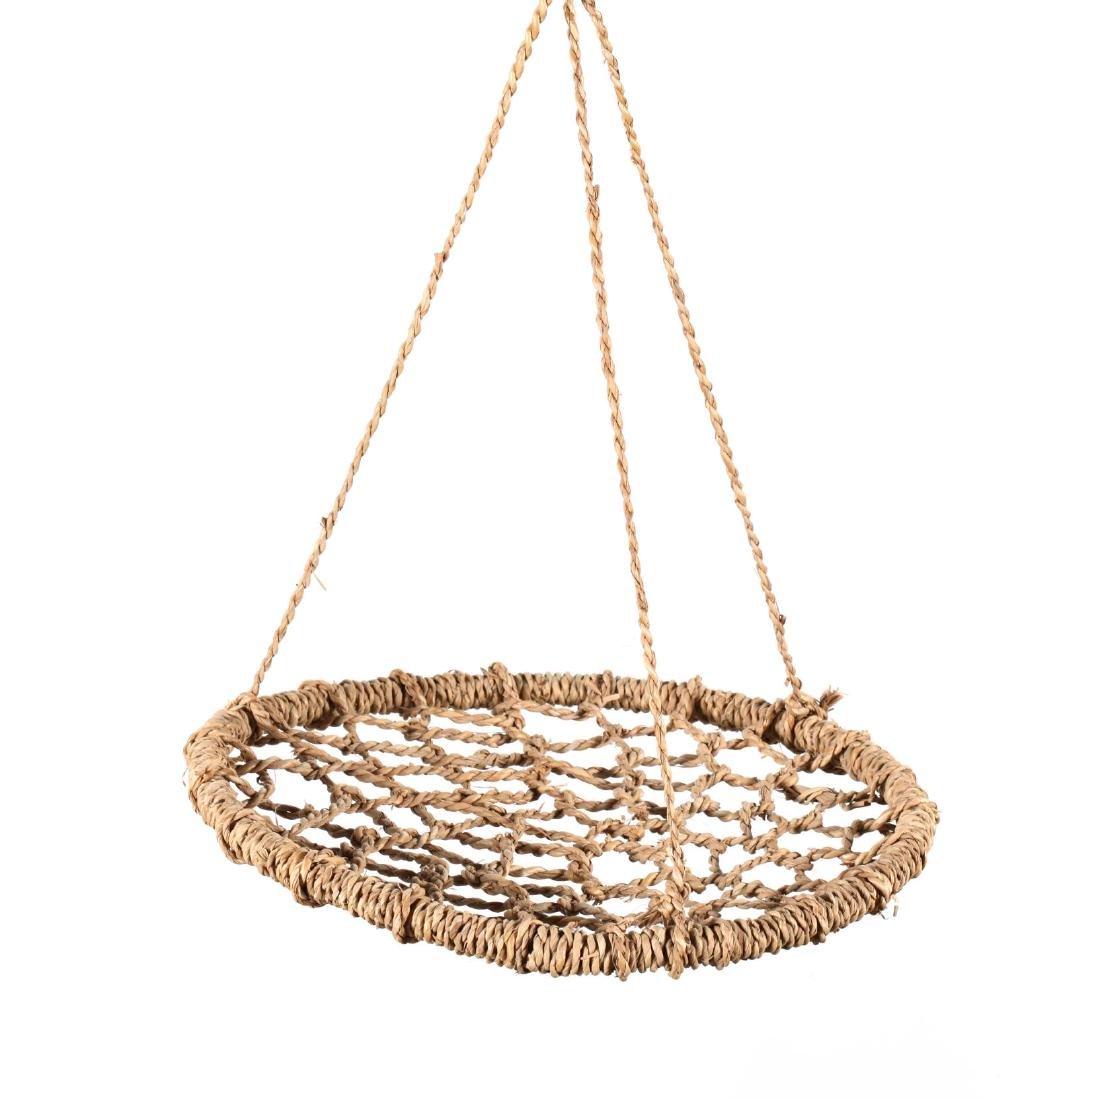 Hanging Fruit and Vegetable Basket - 2